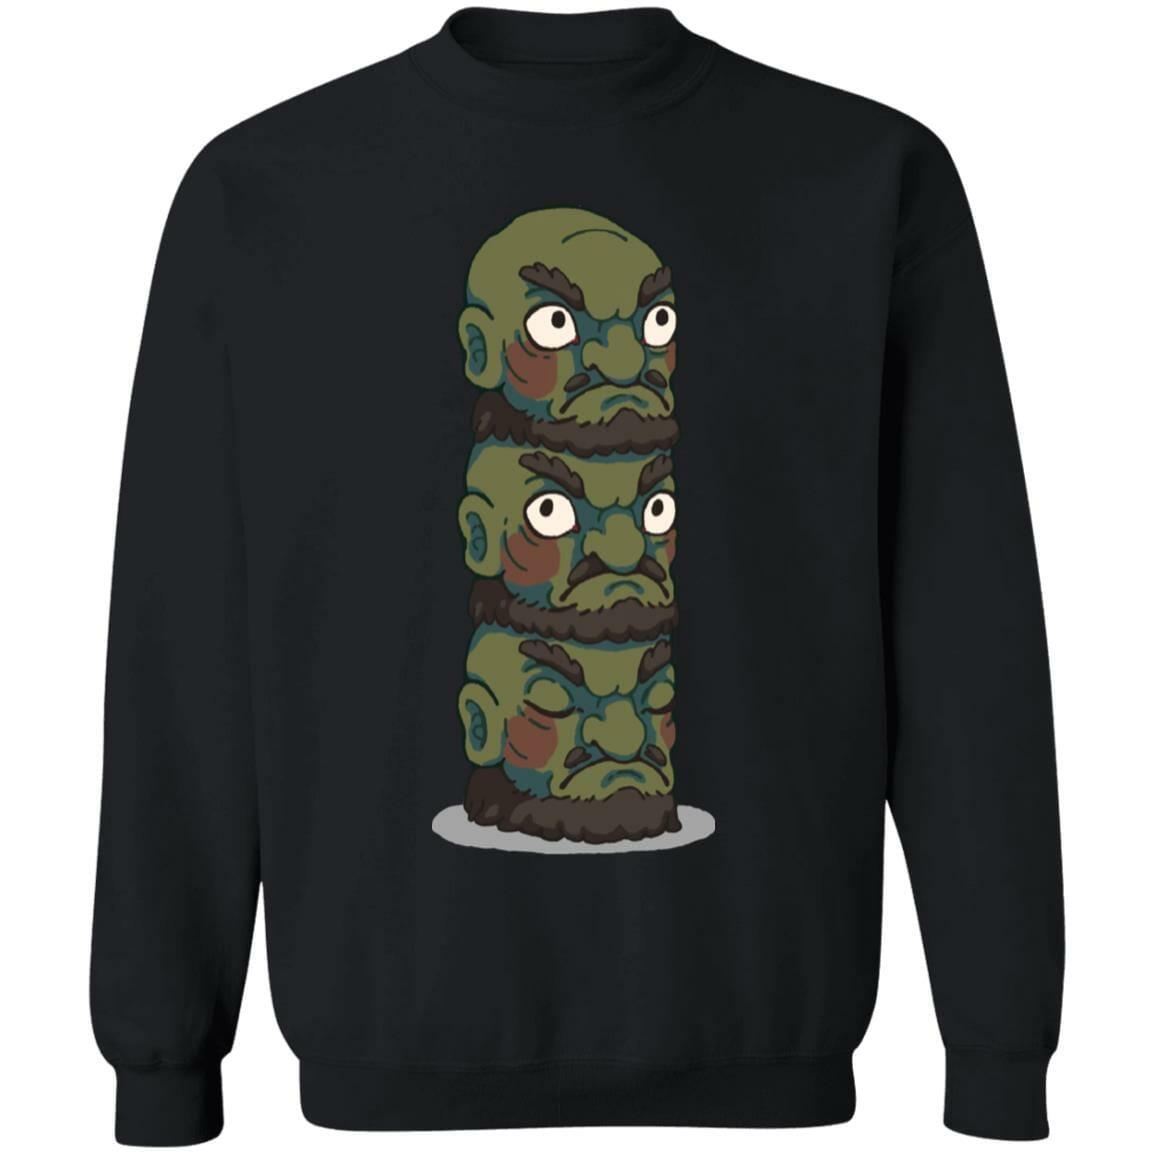 Spirited Away – Yubaba Kashira 3 Heads Sweatshirt